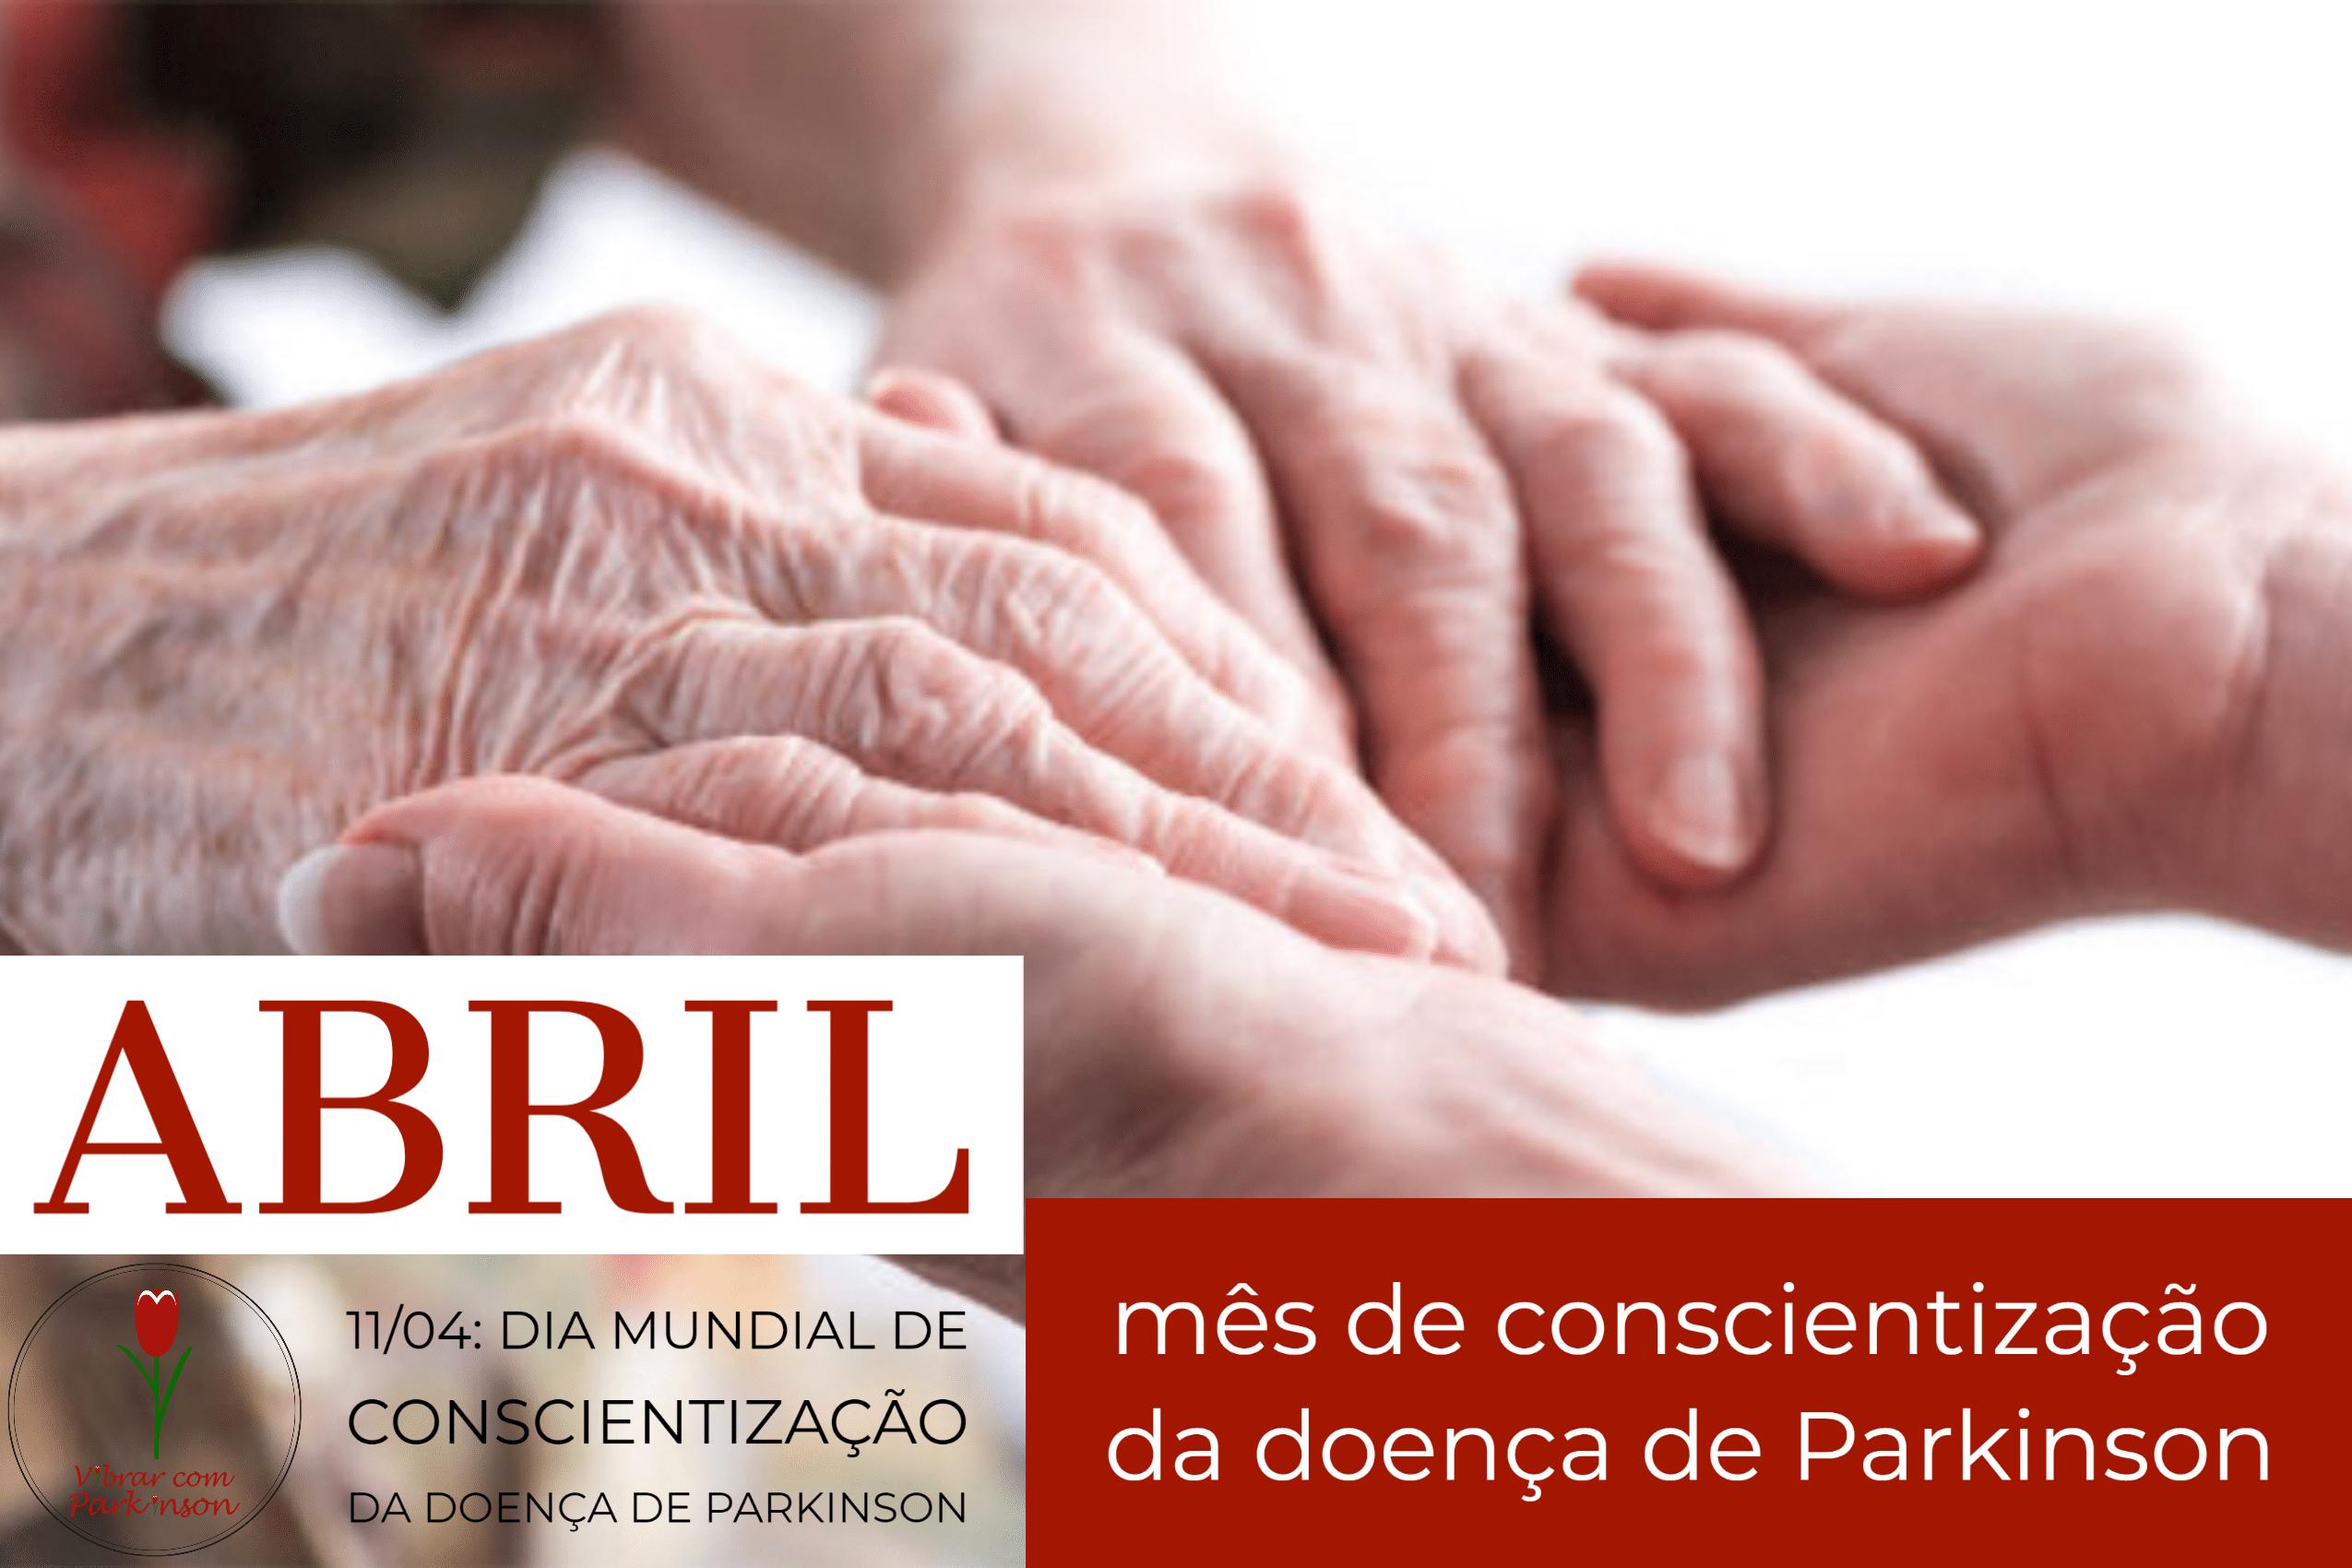 Abril: mês de conscientização da doença de Parkinson